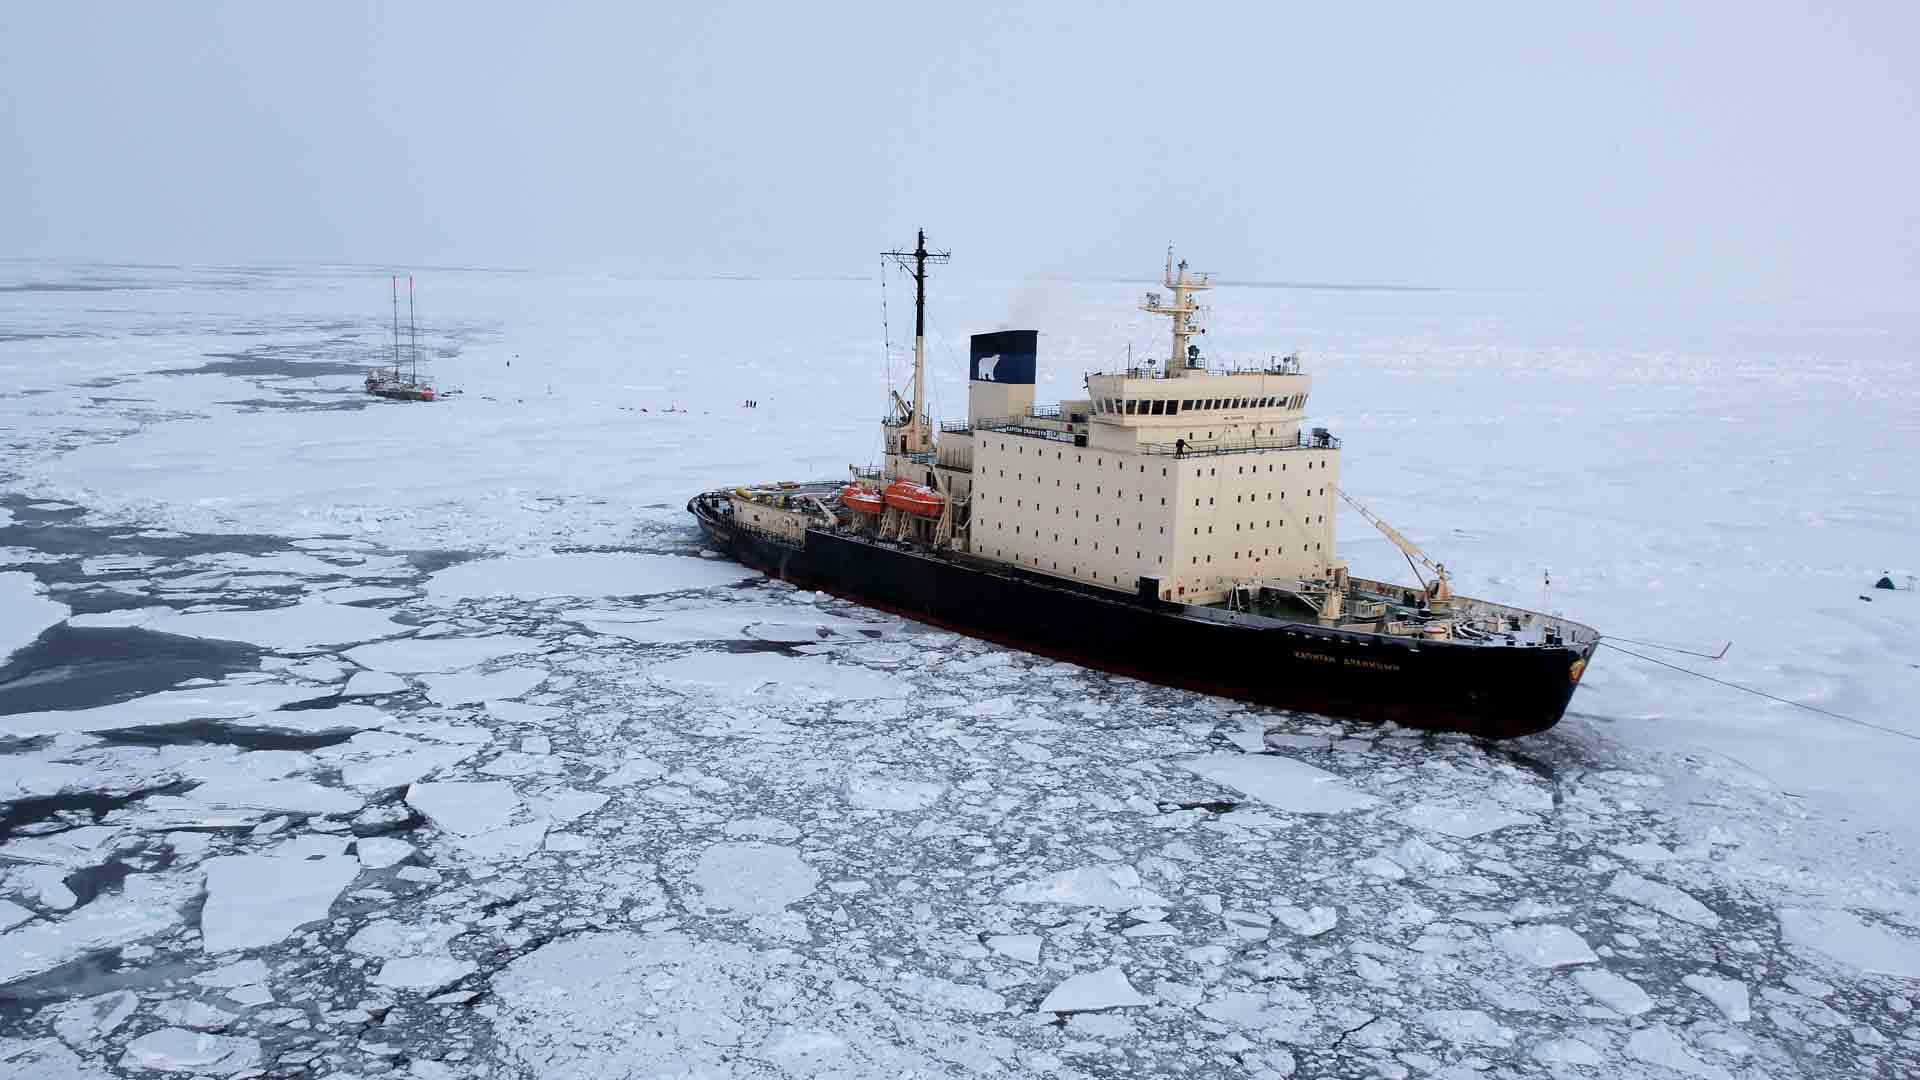 Artico anno zero, la nuova frontiera